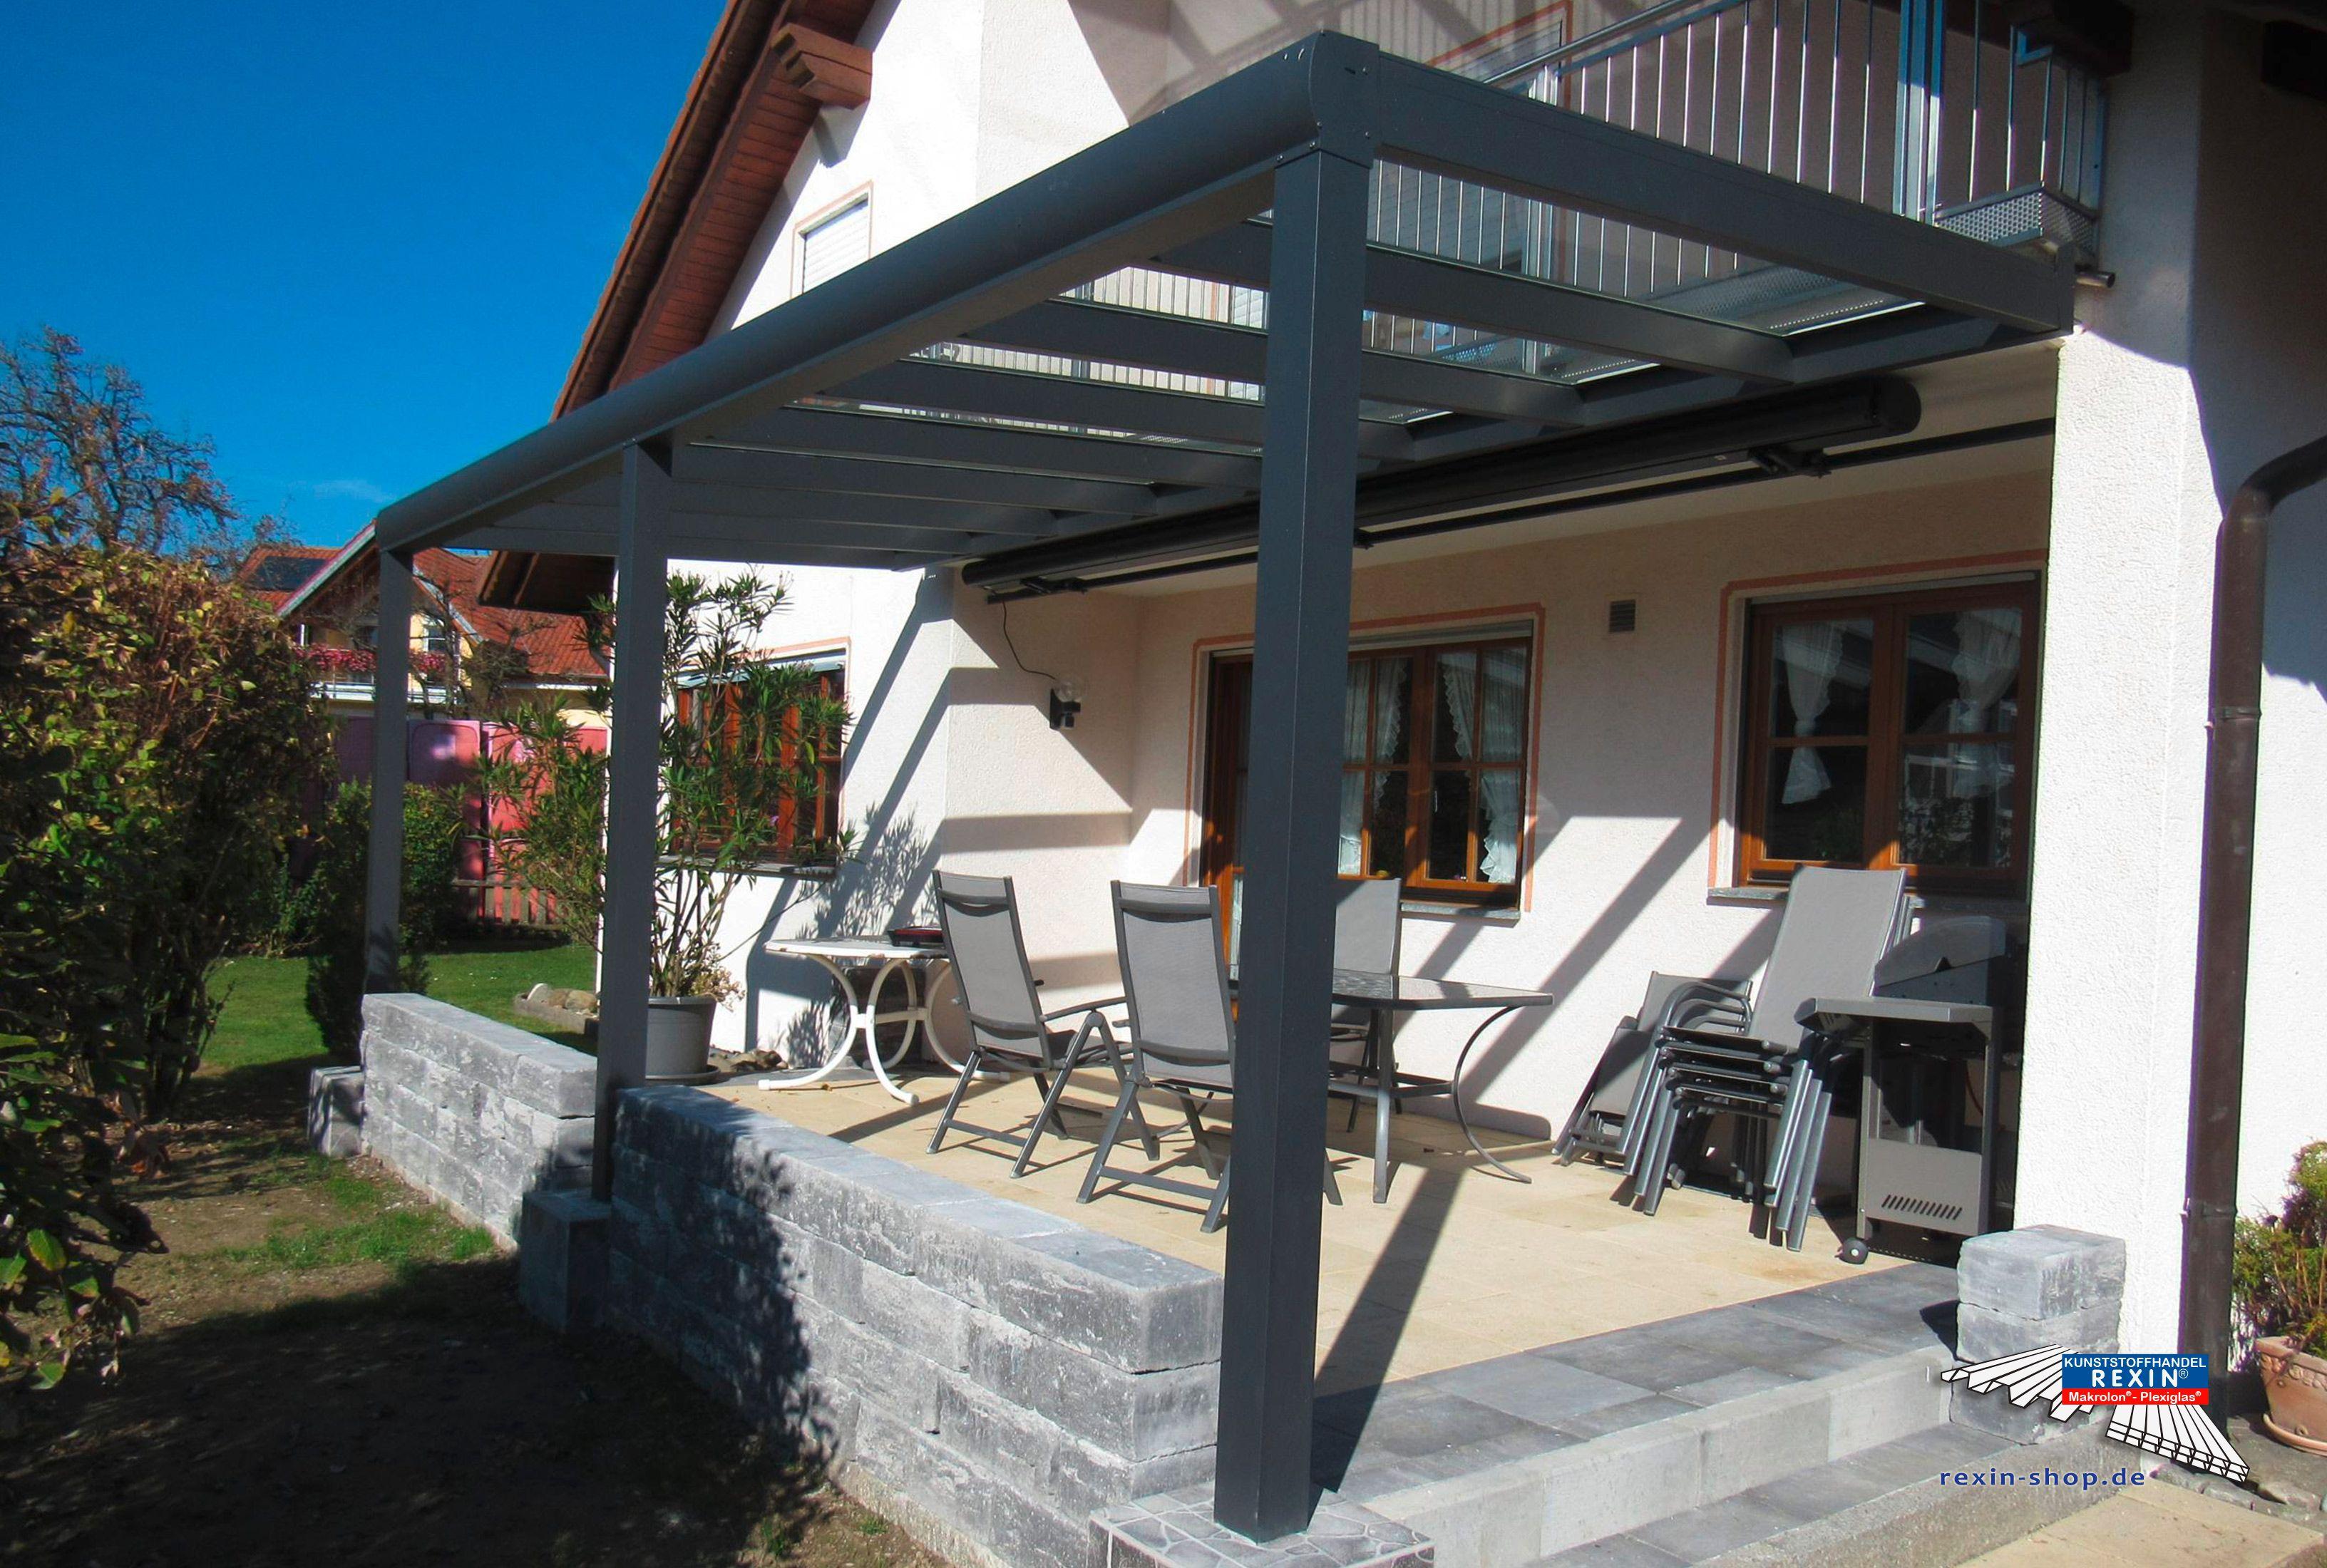 bccb6287b15d42ecb63fa752531830f9 Incroyable De Deco Pour Terrasse Schème